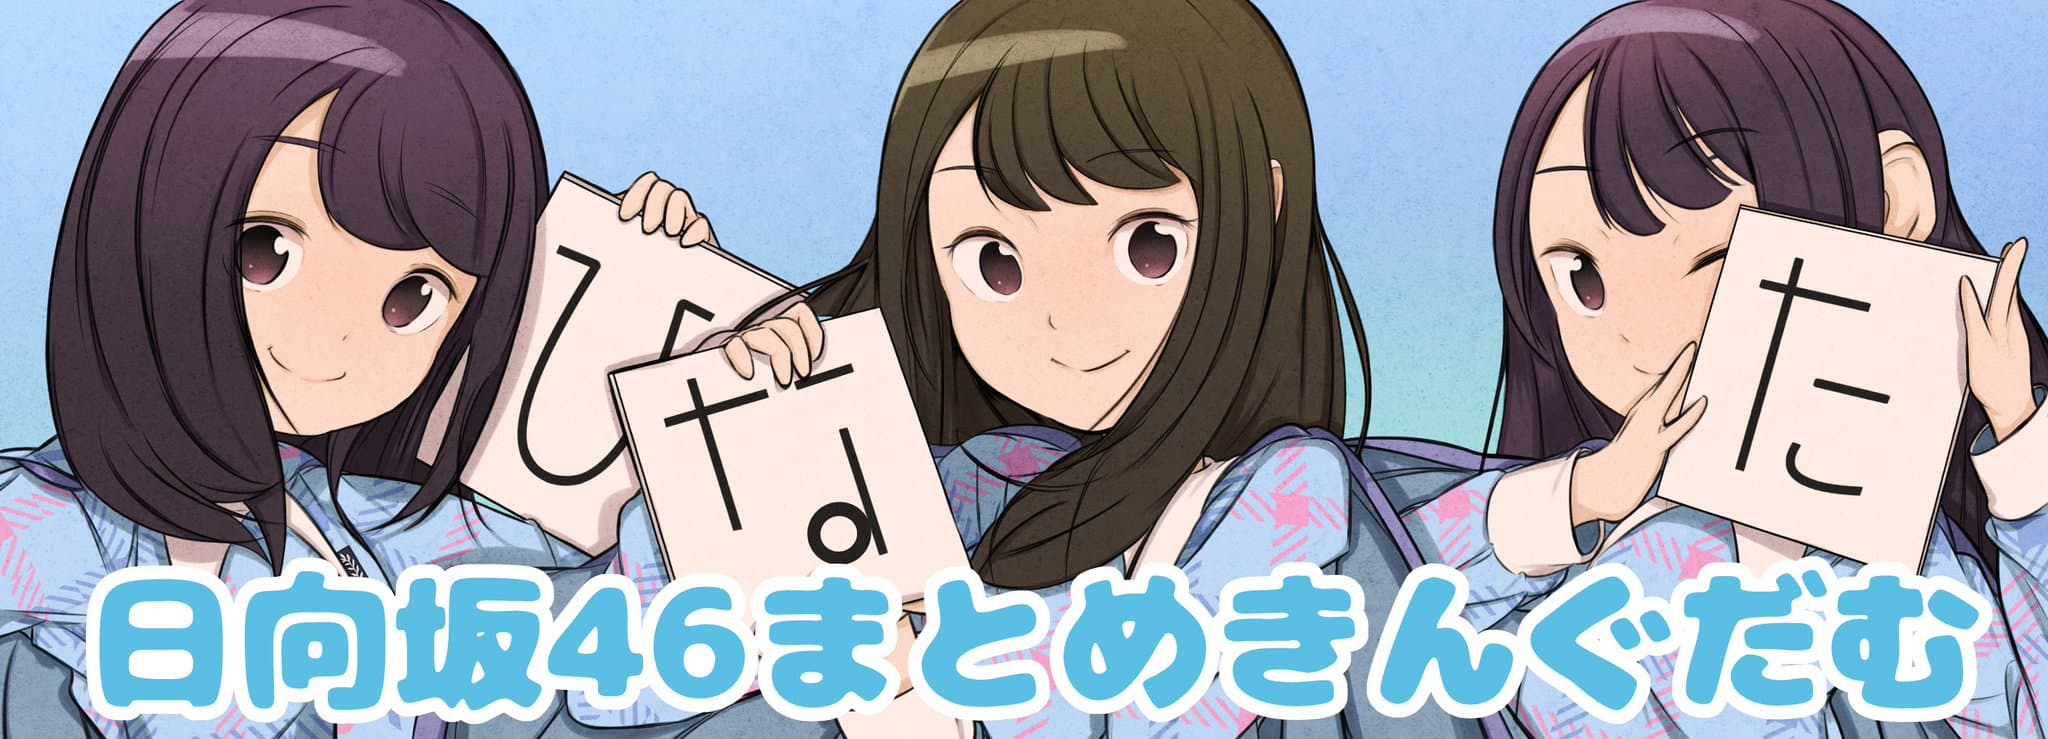 jpo43r3